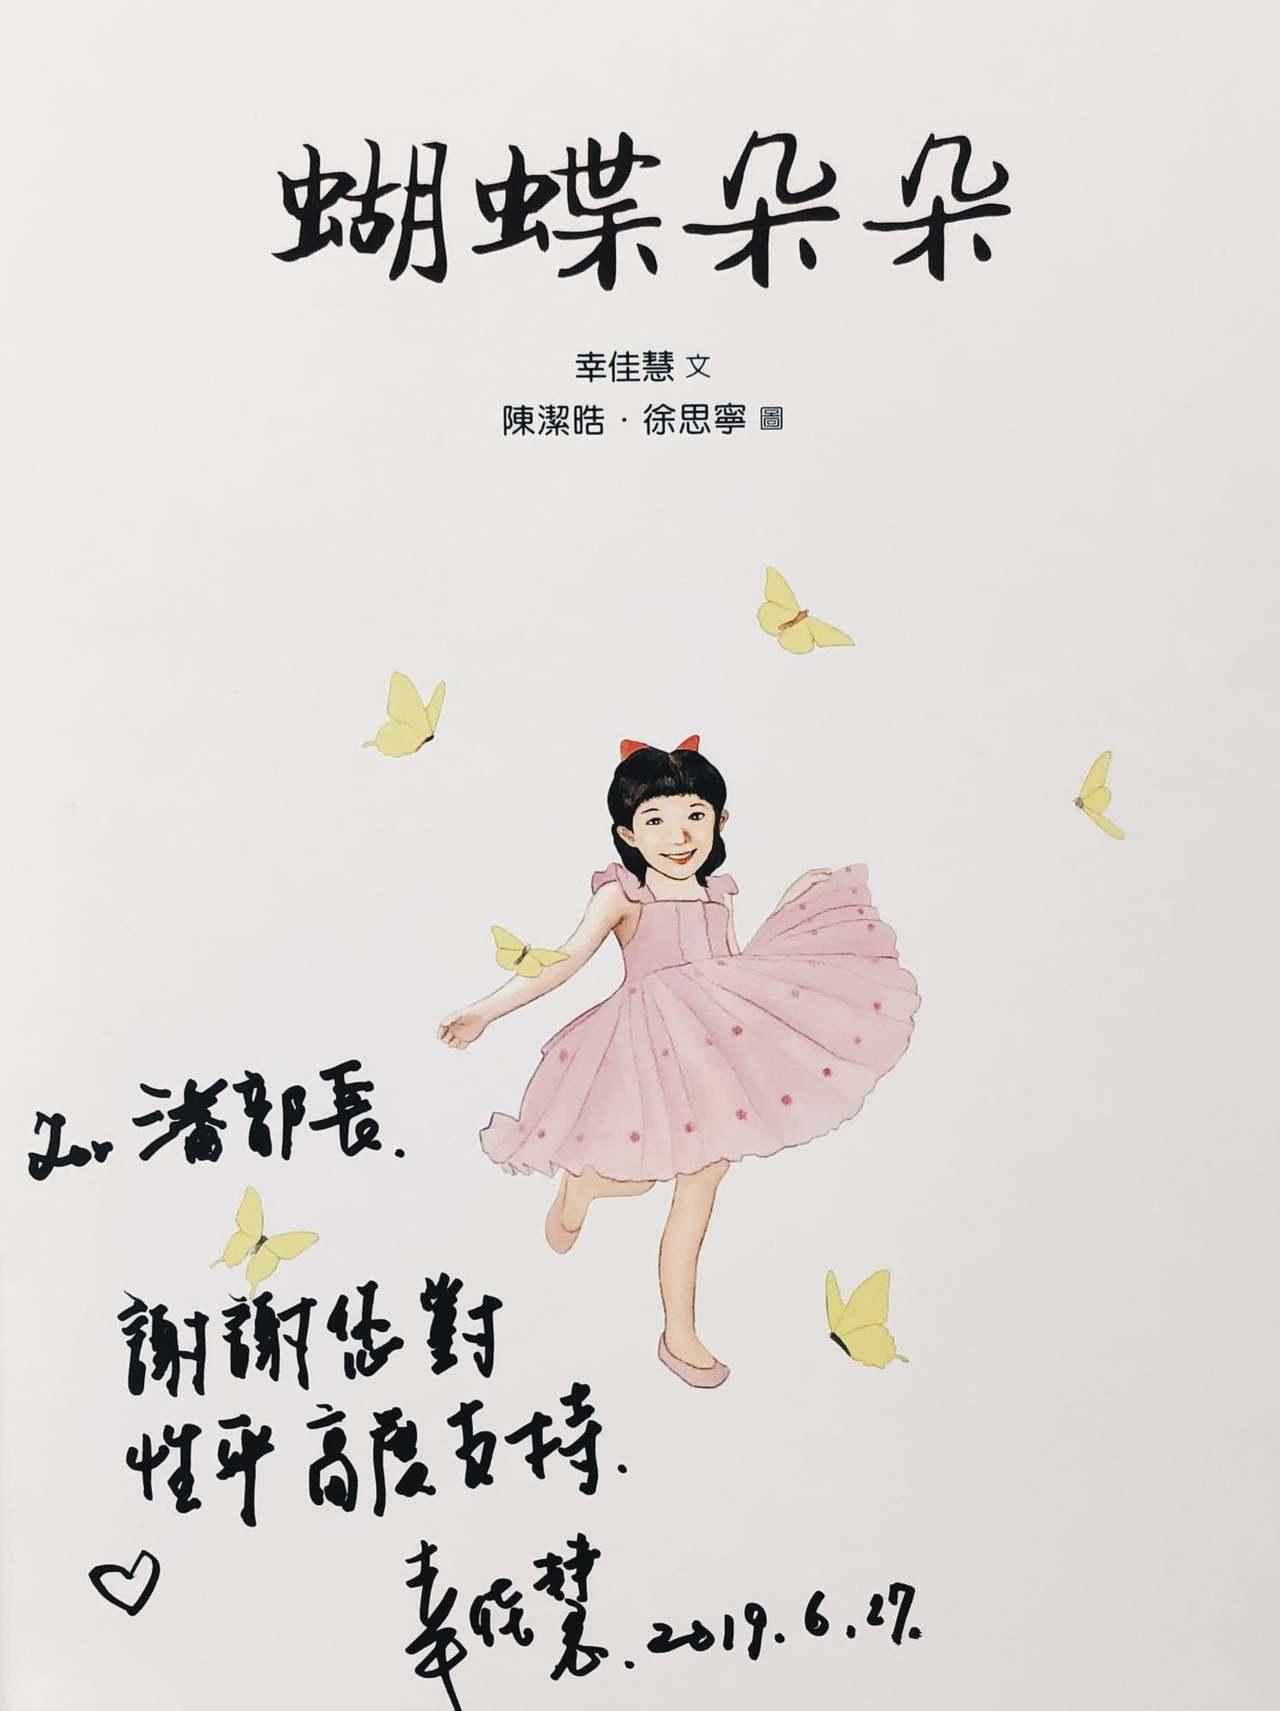 教育部長潘文忠在臉書上分享作家幸佳慧送他的書。圖/取自潘文忠臉書